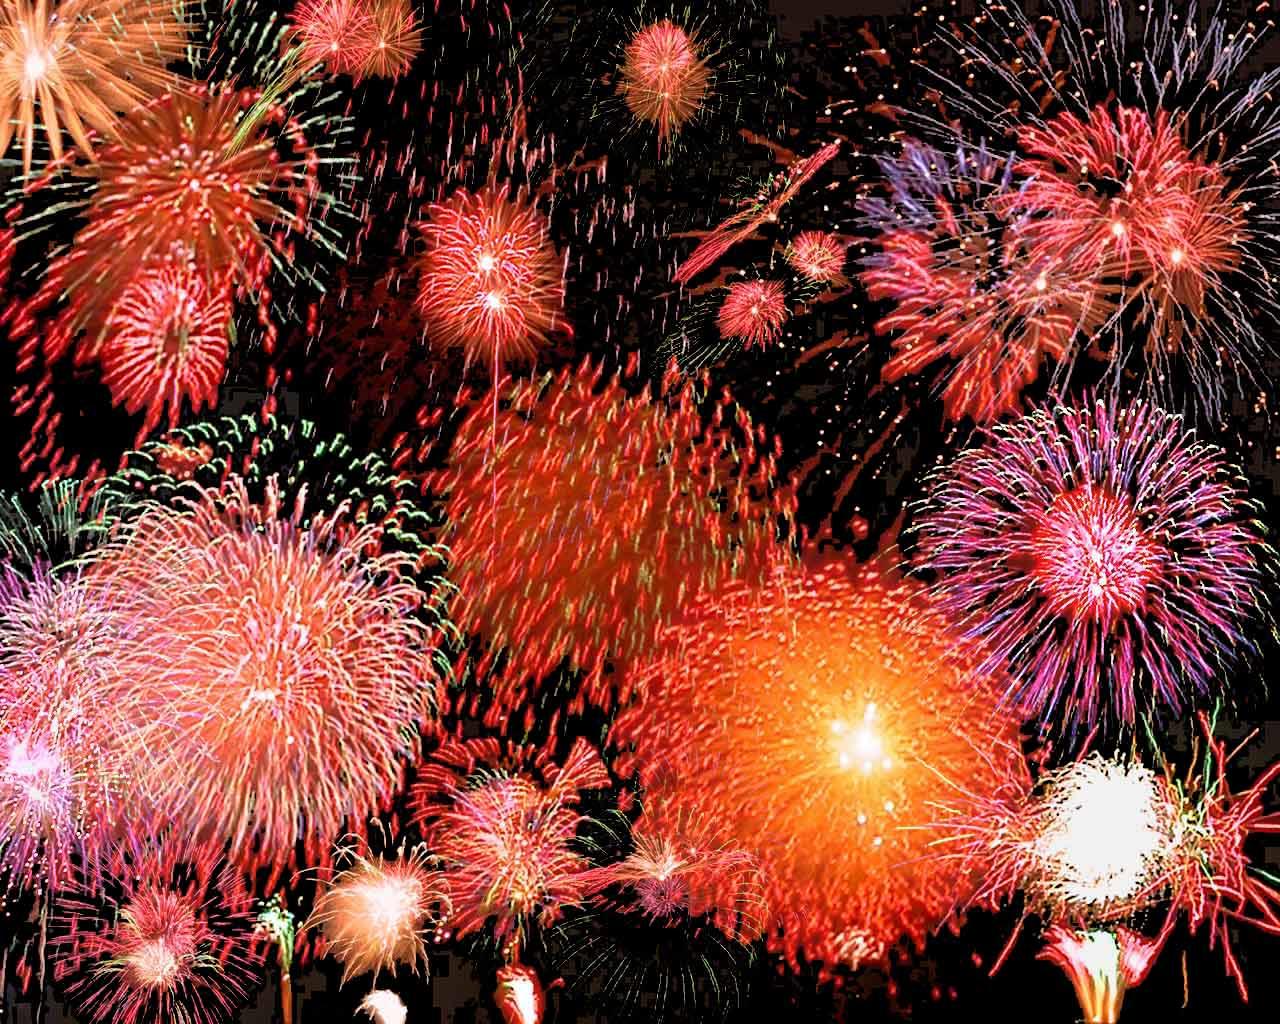 http://2.bp.blogspot.com/_Gs-ub7GUI9g/TABuRJfnnhI/AAAAAAAAAUA/RciXaXf3wiA/s1600/fireworks1.jpg